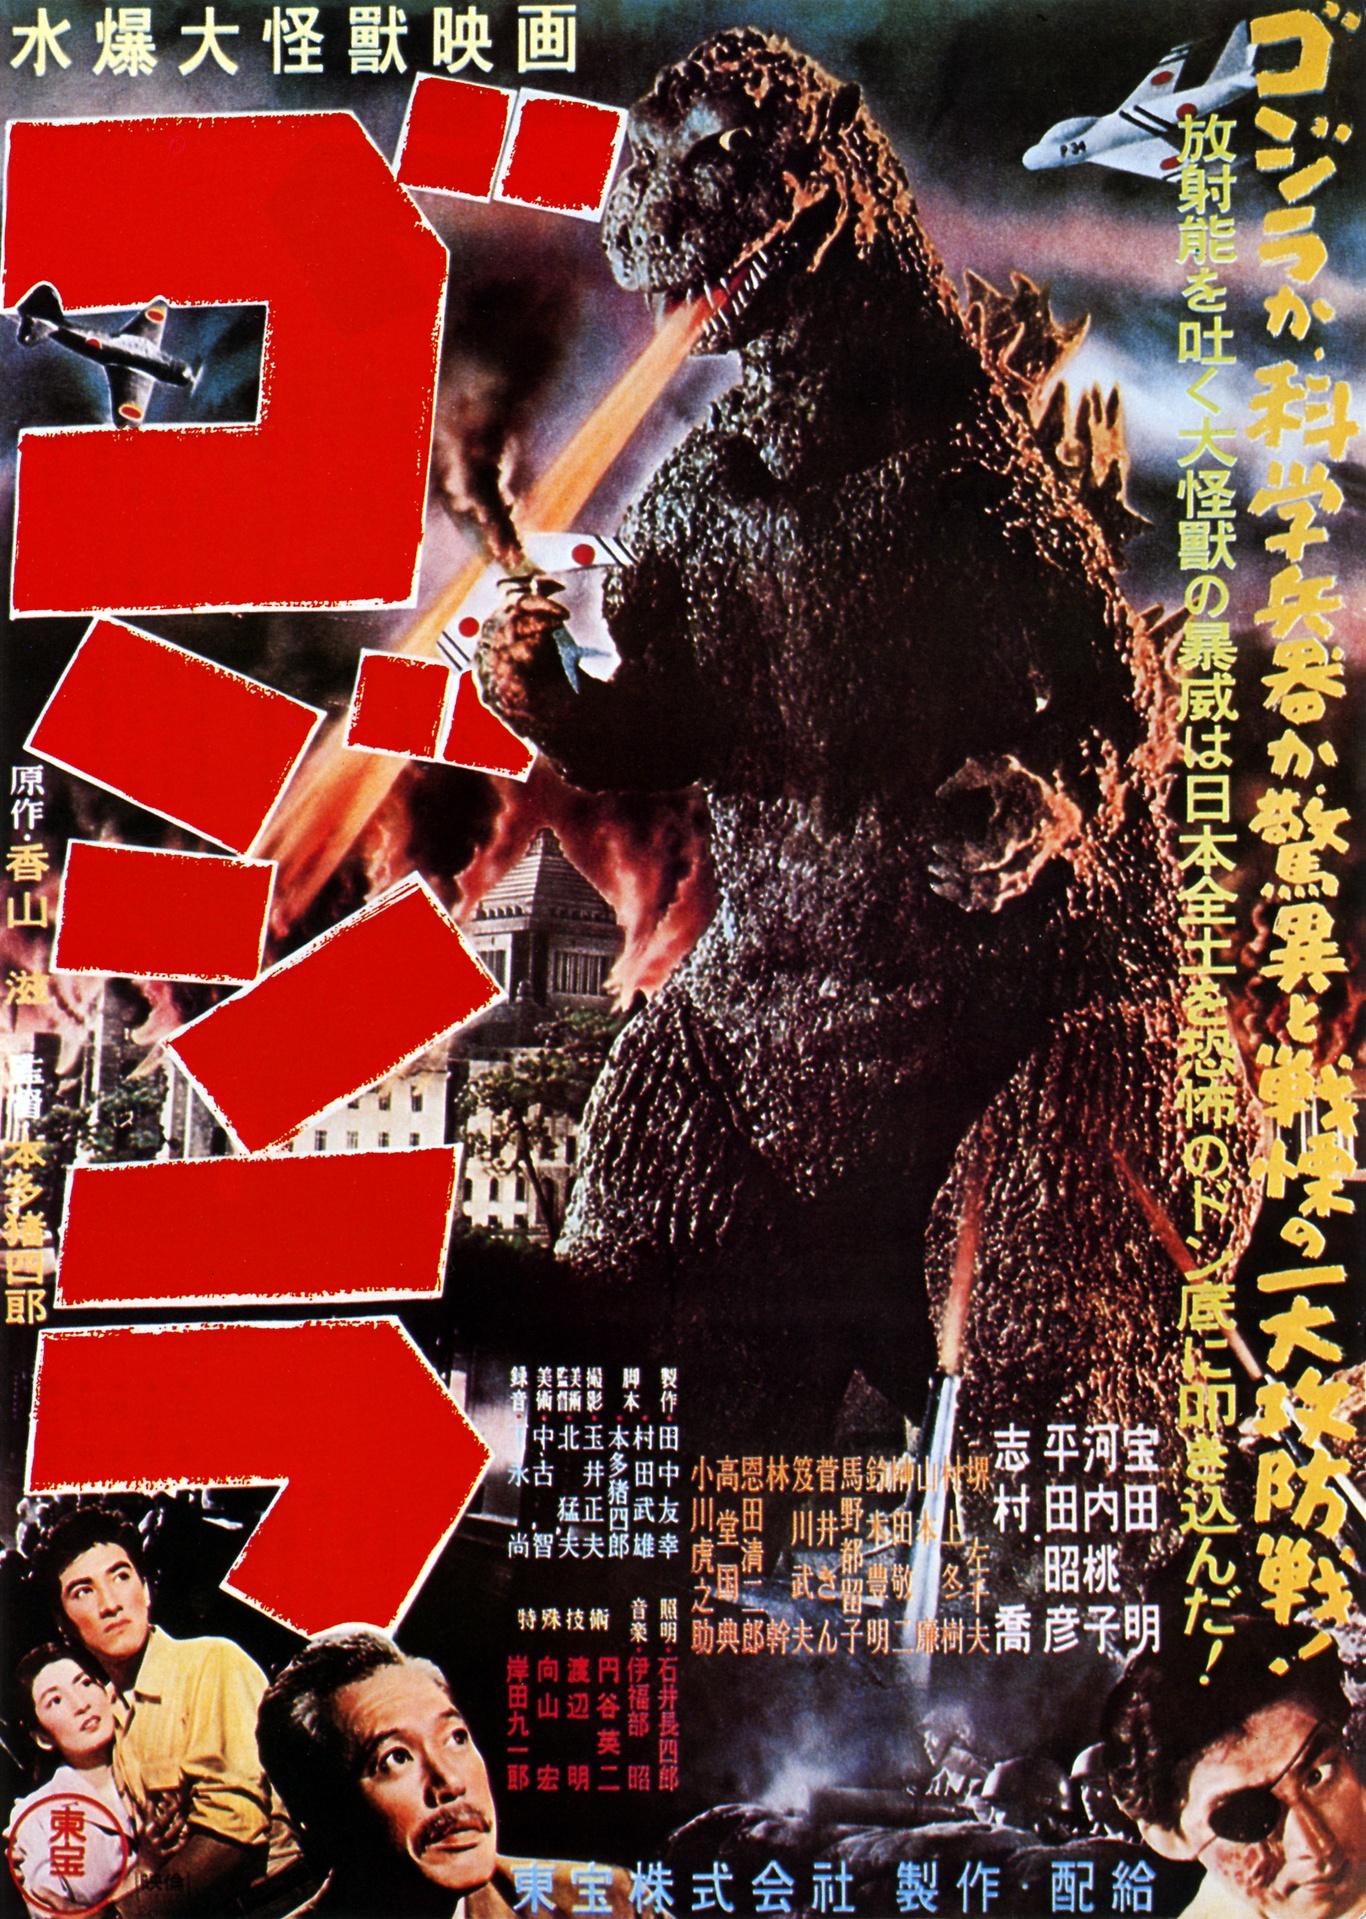 #9 - Godzilla (1954)